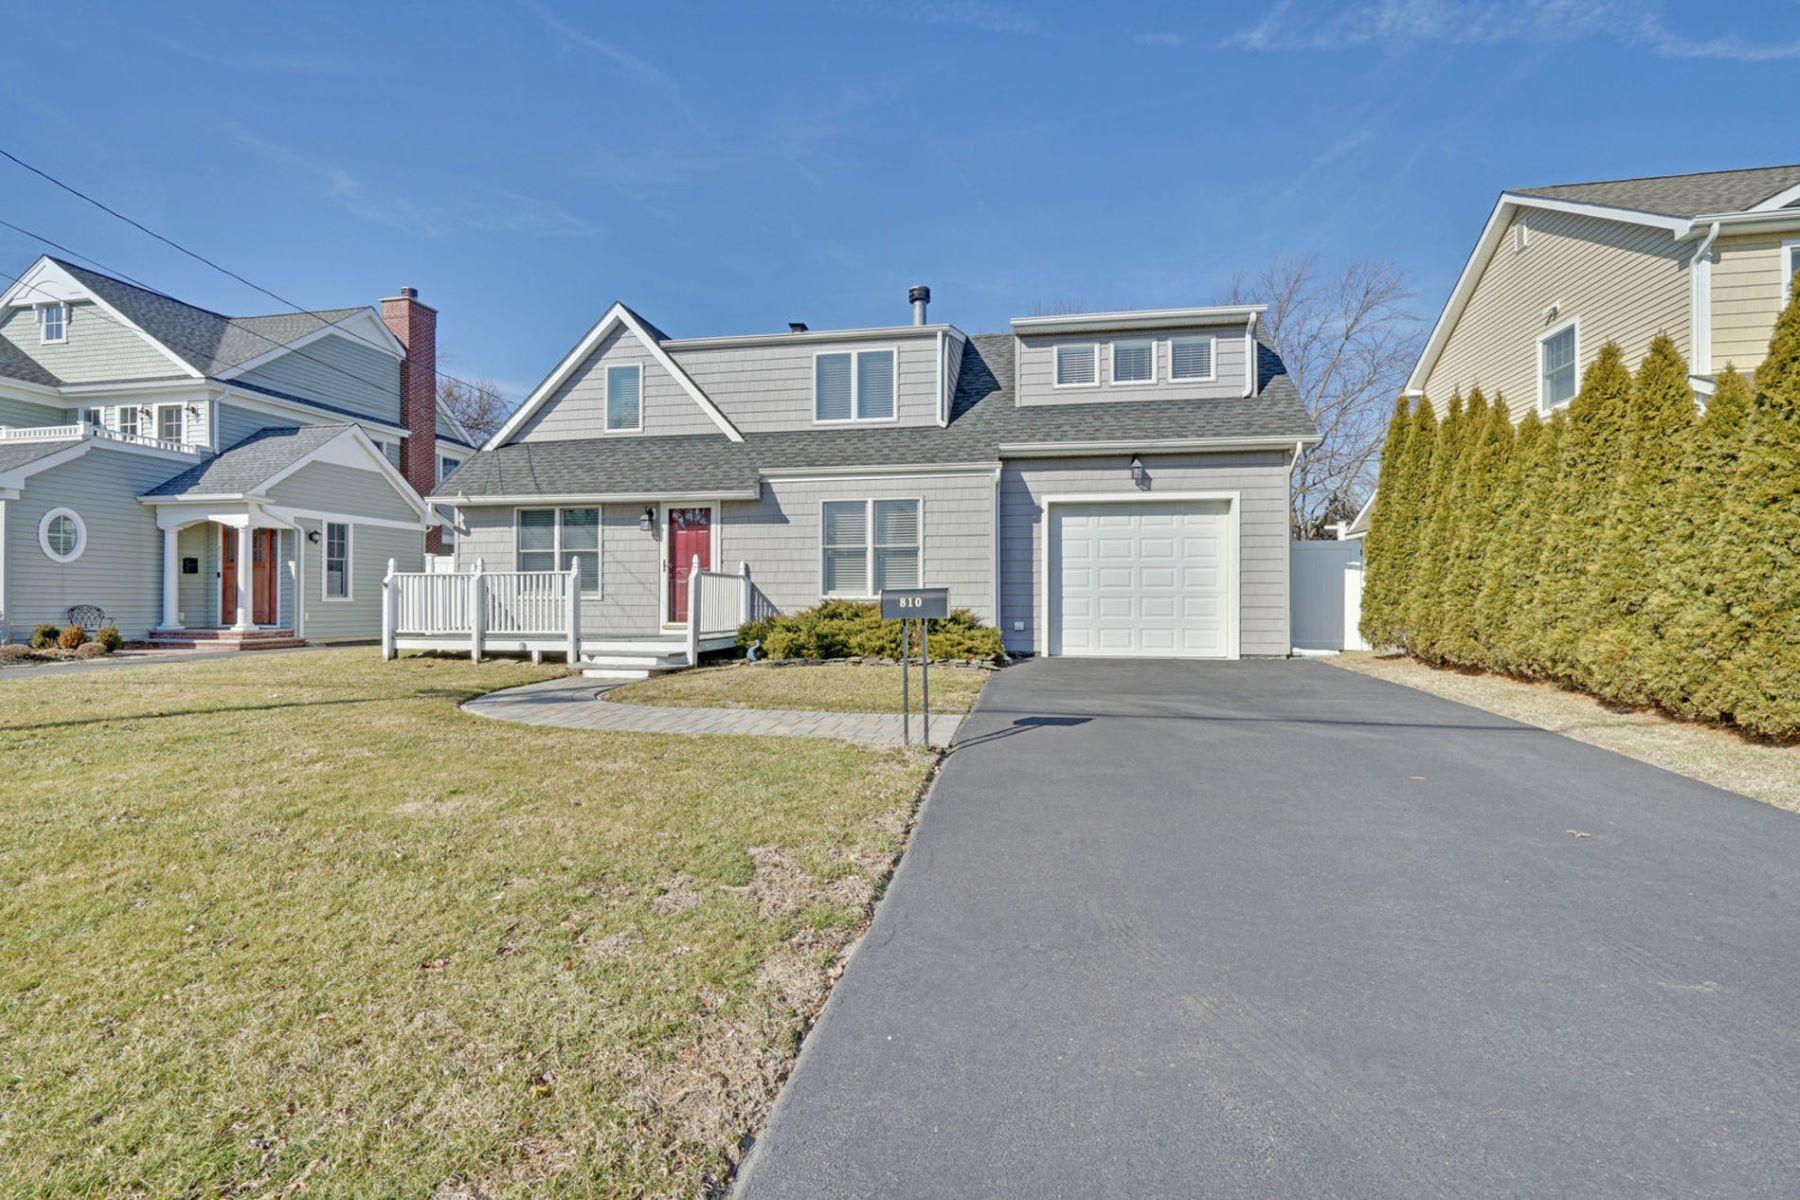 Частный односемейный дом для того Продажа на Spring Lake Heights Cape 810 Claridge Drive, Spring Lake Heights, Нью-Джерси 07762 Соединенные Штаты